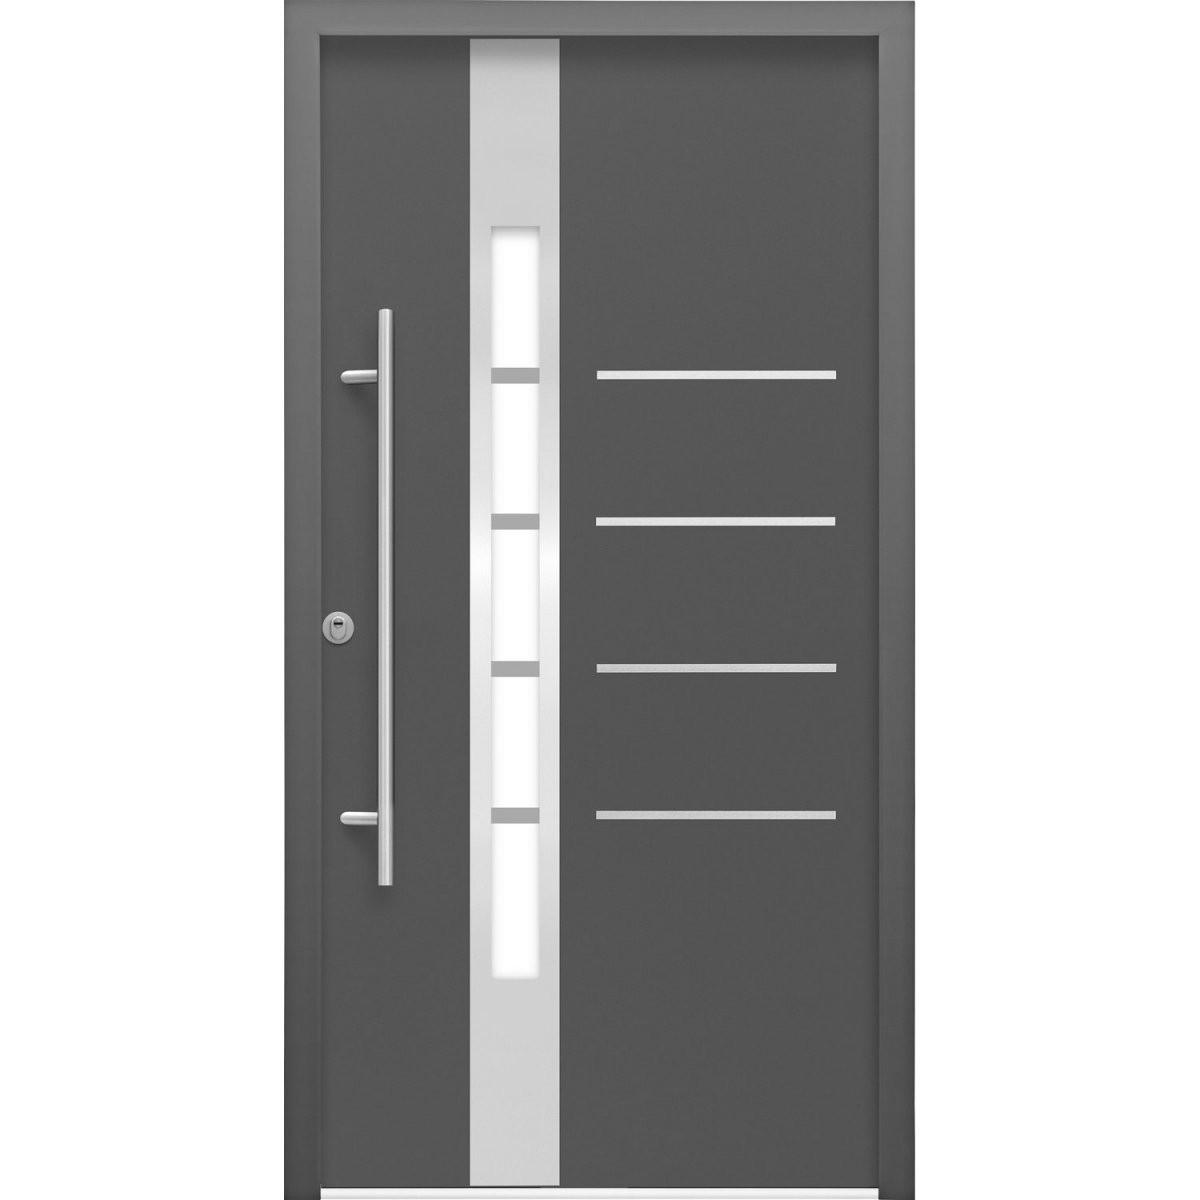 Haustüren Online Kaufen Bei Obi  Obi von Km Meeth Zaun Gmbh Haustüren Photo